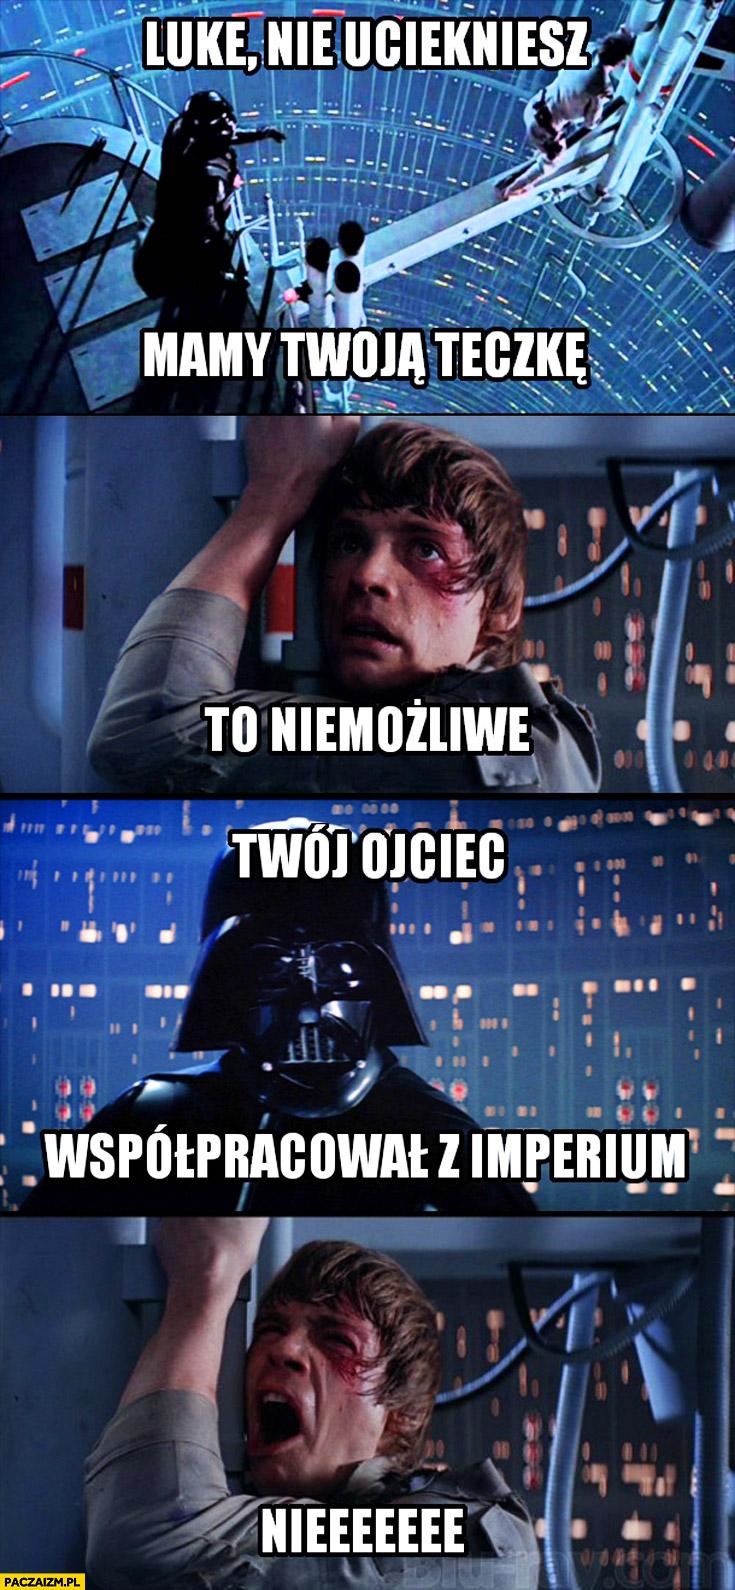 Luke nie uciekniesz, mamy Twoją teczkę. To niemożliwe. Twój ojciec współpracował z imperium Gwiezdne Wojny Vader